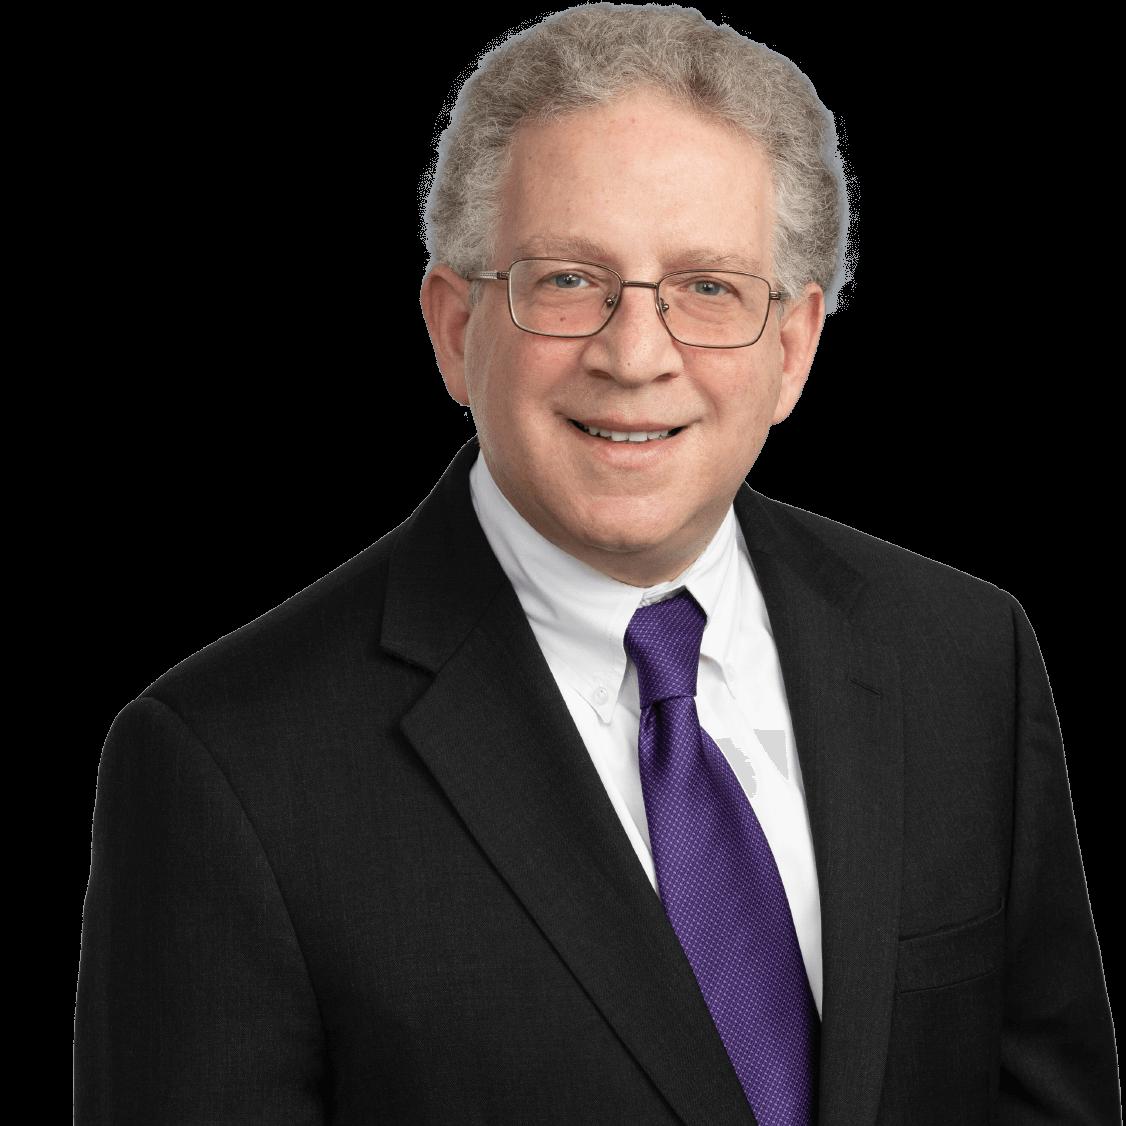 Jonathan K. Baum